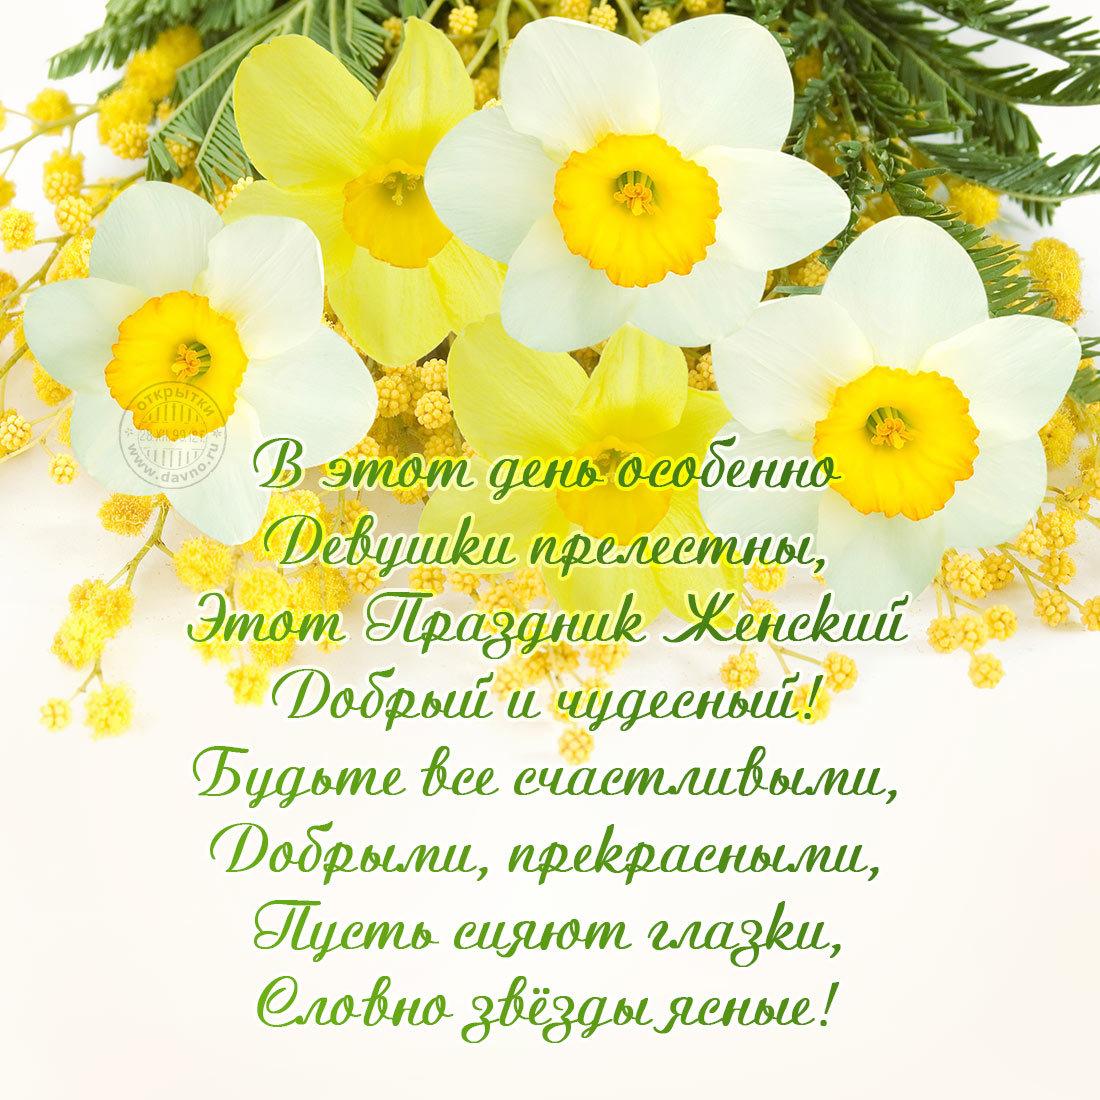 Поздравления рождением, красивые картинки с 8 марта с красивыми стихами